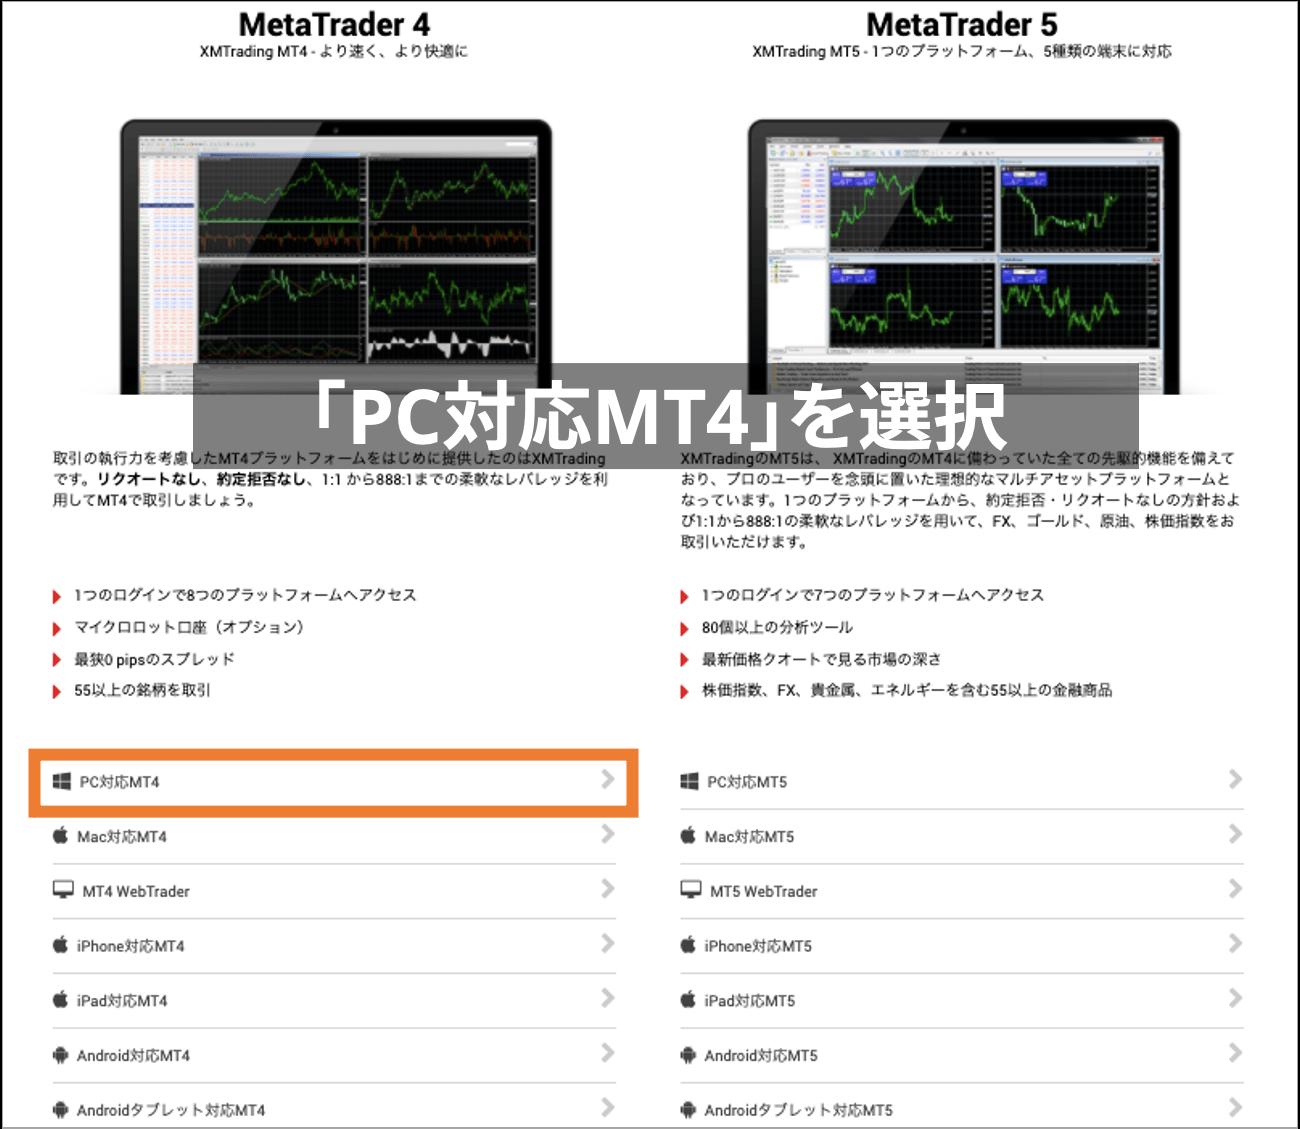 XM PC対応MT4を選択